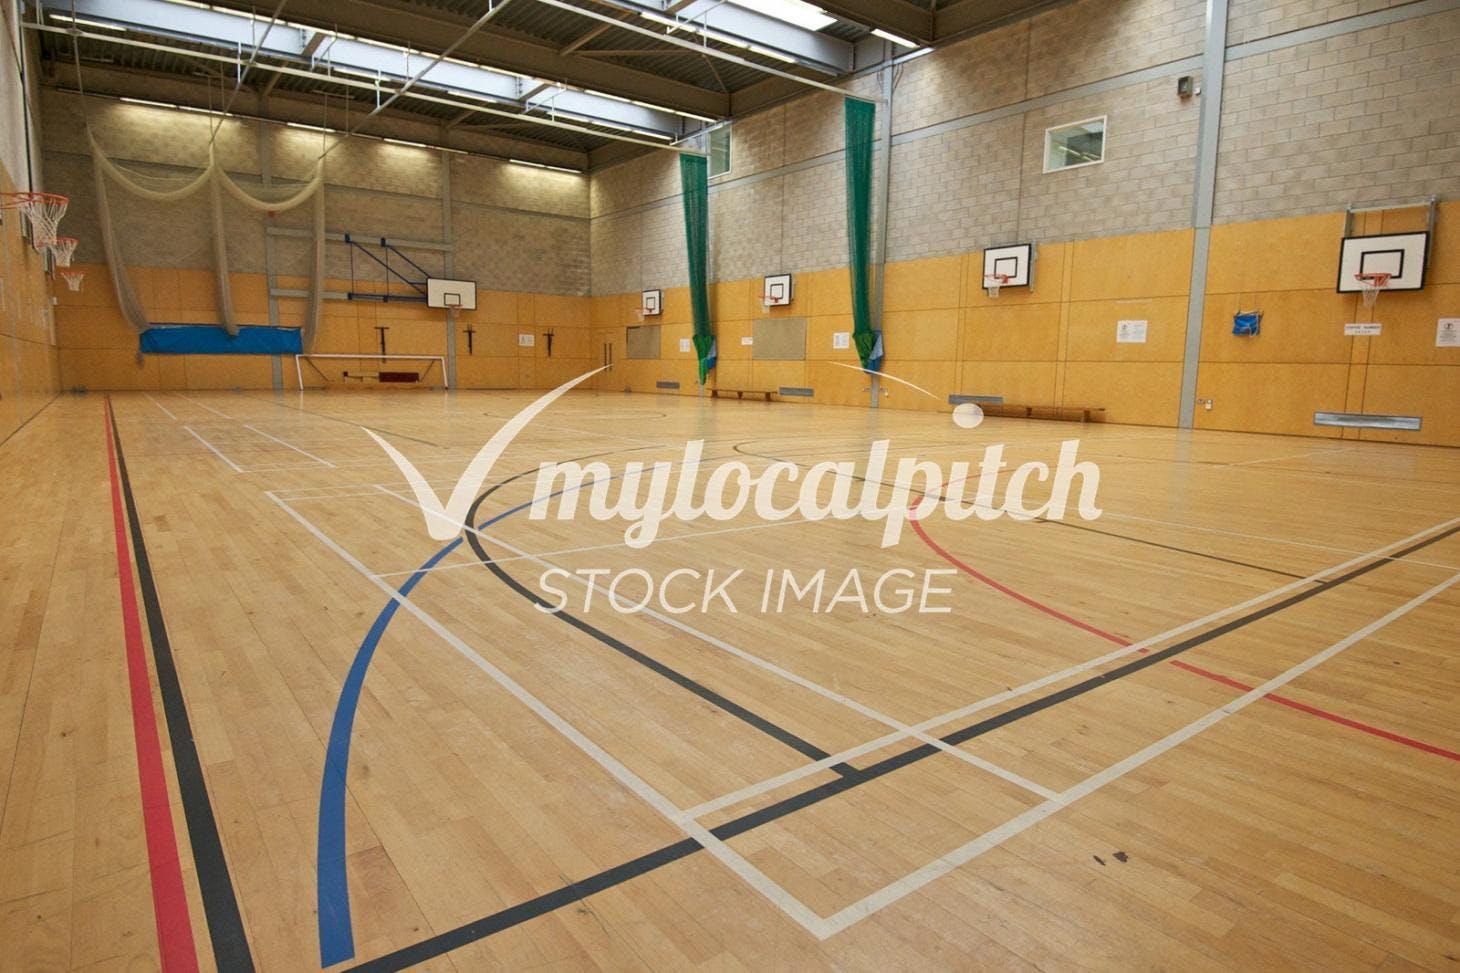 Coopers School Indoor basketball court